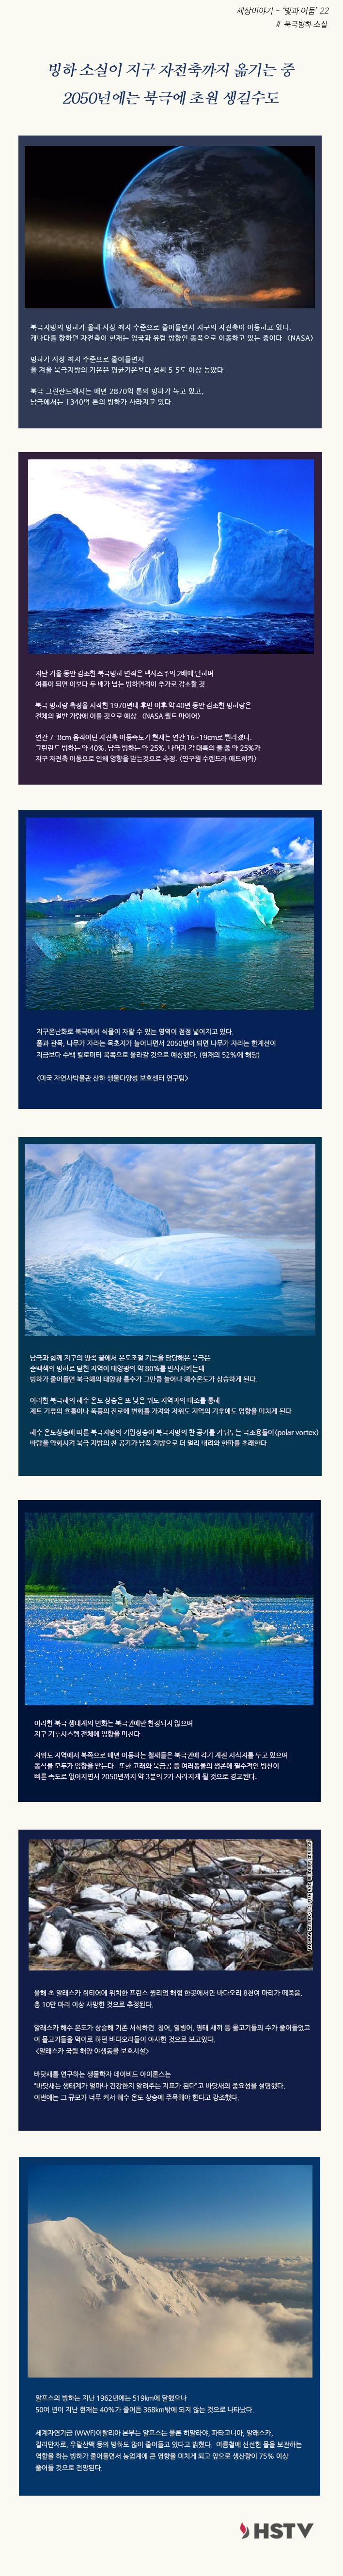 세상이야기_22_북극빙하 소실.jpg